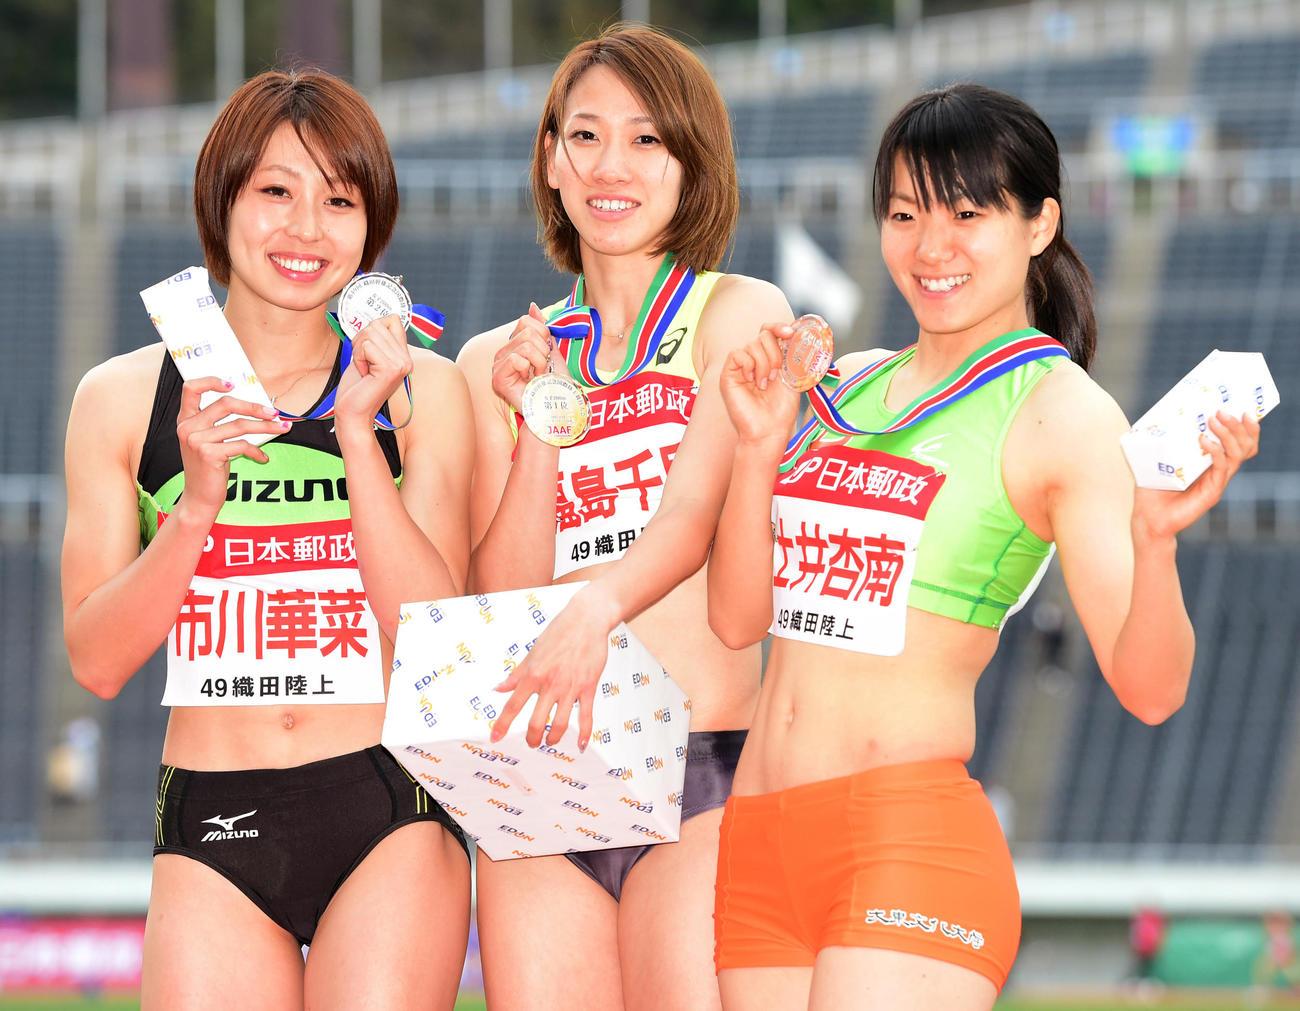 15年4月、織田記念国際陸上の女子200メートルで優勝しメダルを掲げる福島(中央)。左は2位市川、右は3位土井